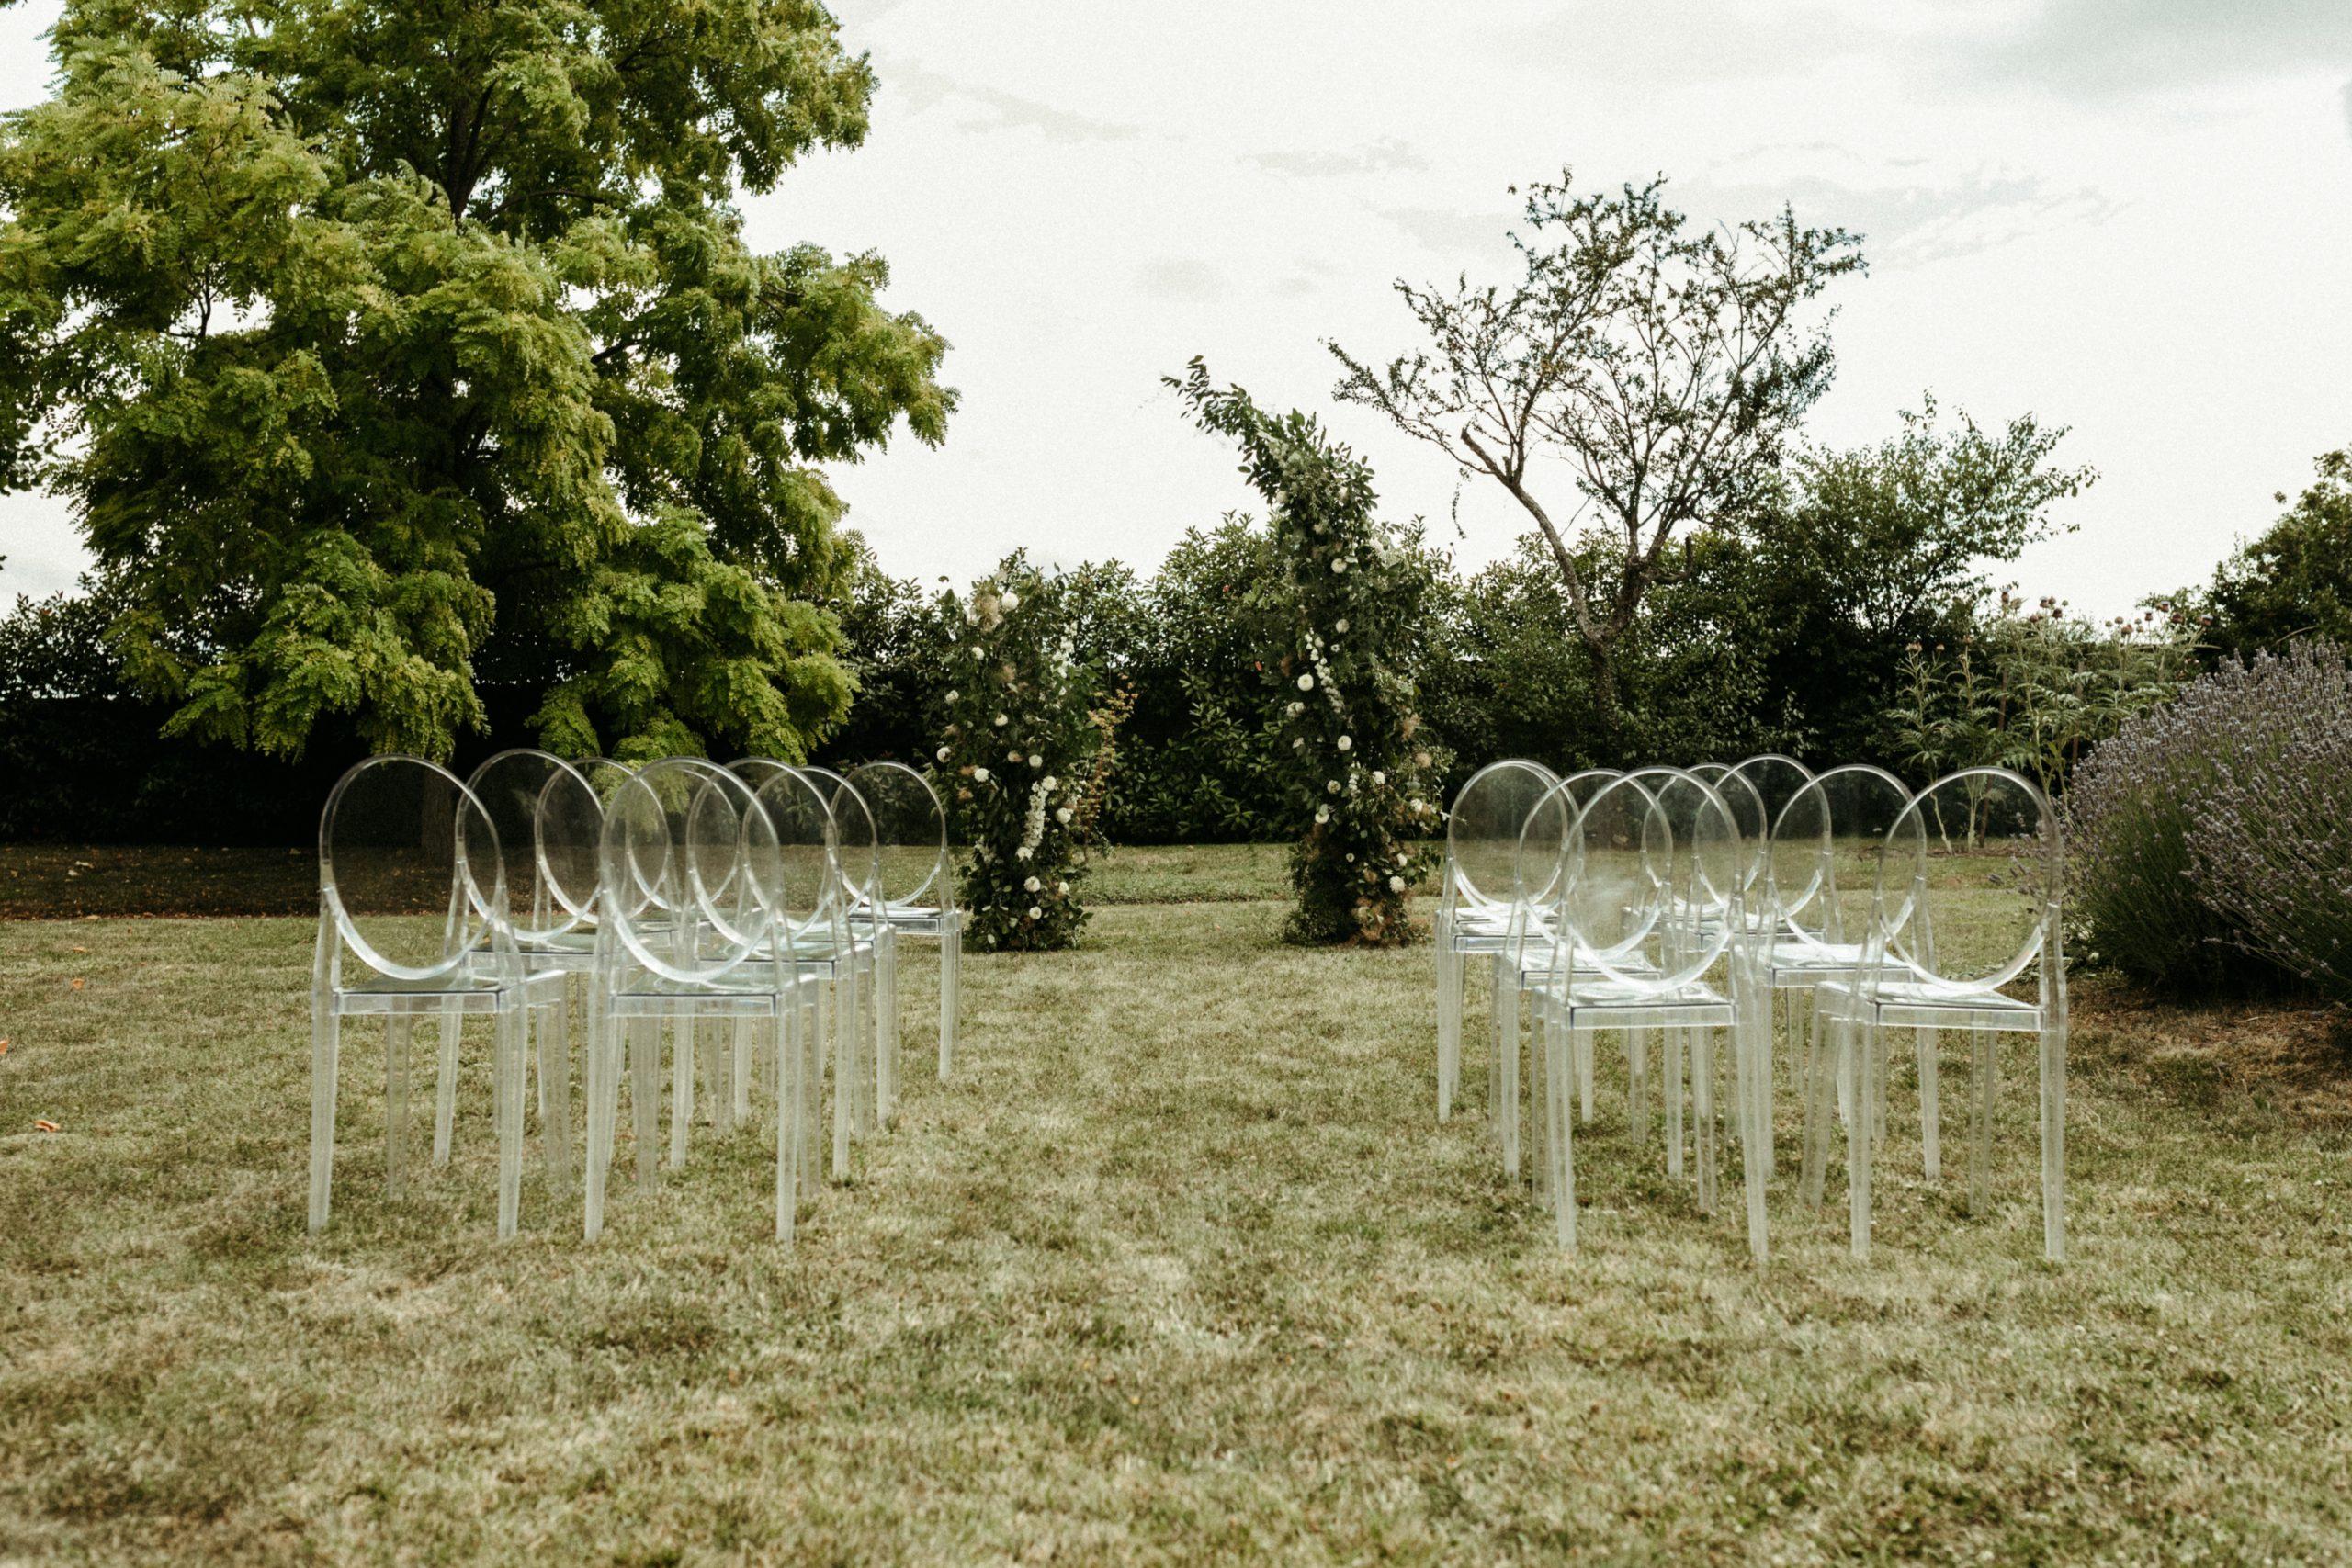 UTOPICLOVERS20200702 – EDITO Jérémie Sésanne Lajarveniere 7653 scaled - Un mariage élégant et végétal dans le Beaujolais